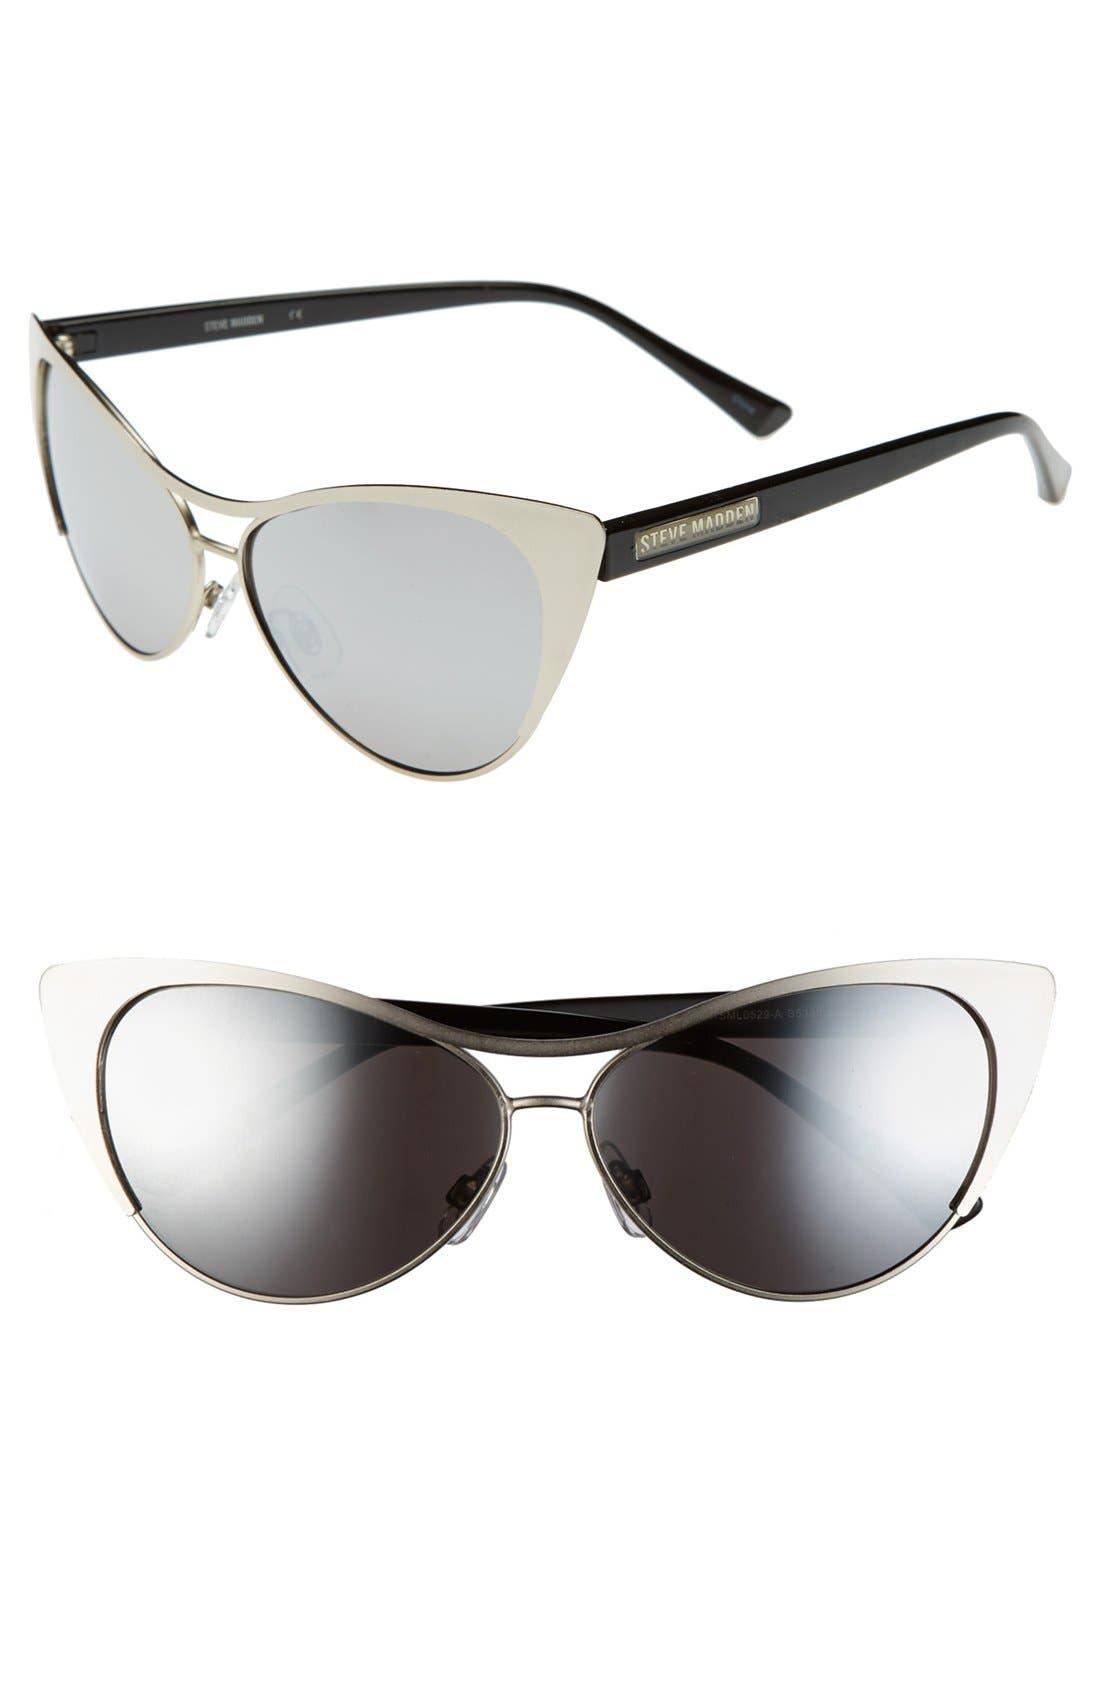 Alternate Image 1 Selected - Steve Madden 60mm Cat Eye Sunglasses